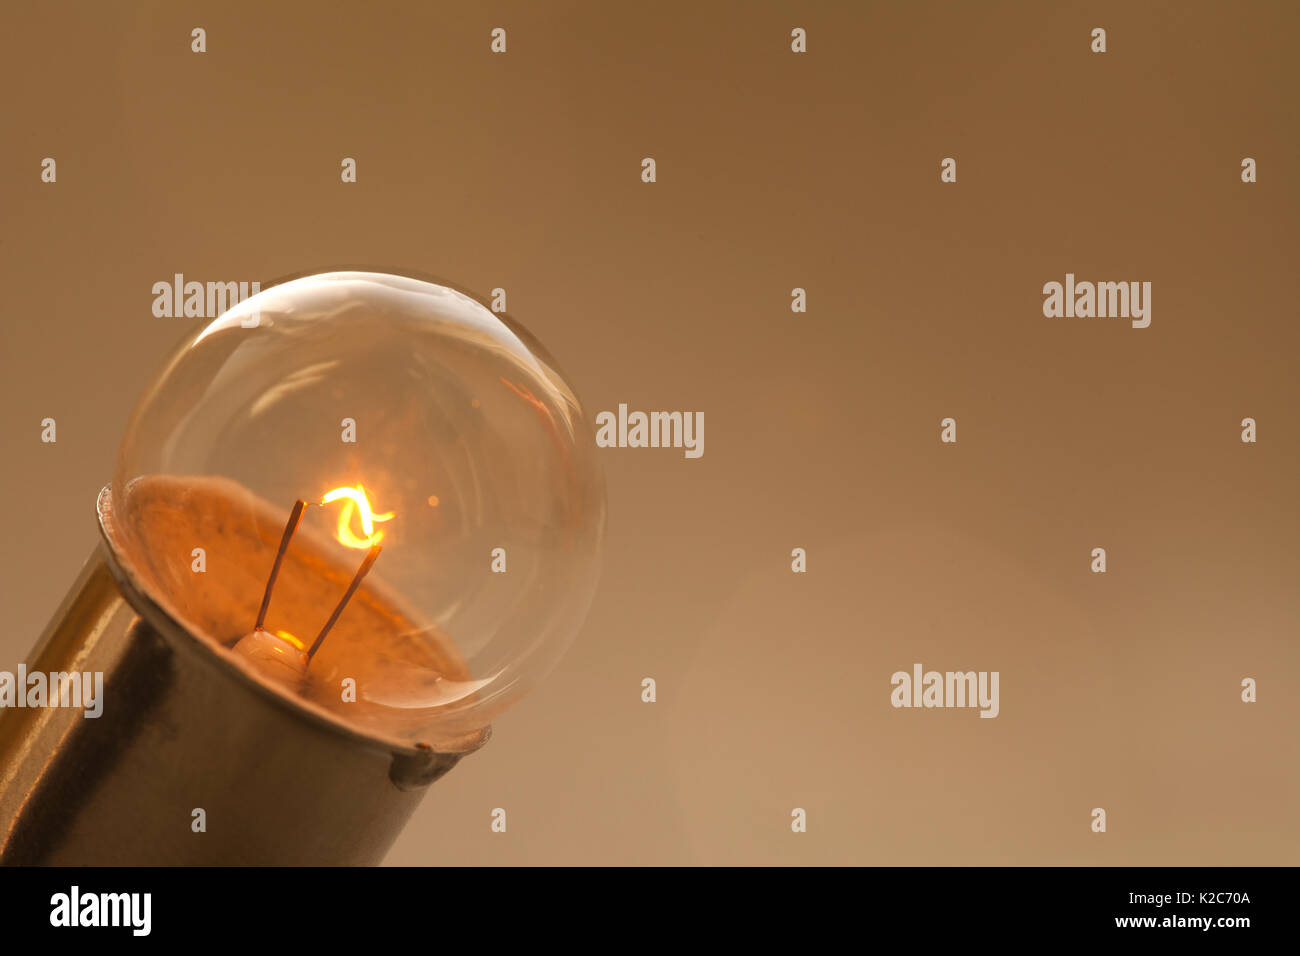 Leuchtende Glühbirne auf Gold-braunen Hintergrund. Retro Stil Lampe mit idealen Kugelfläche und Filament Element. Makro anzeigen, kopieren Raum Stockbild